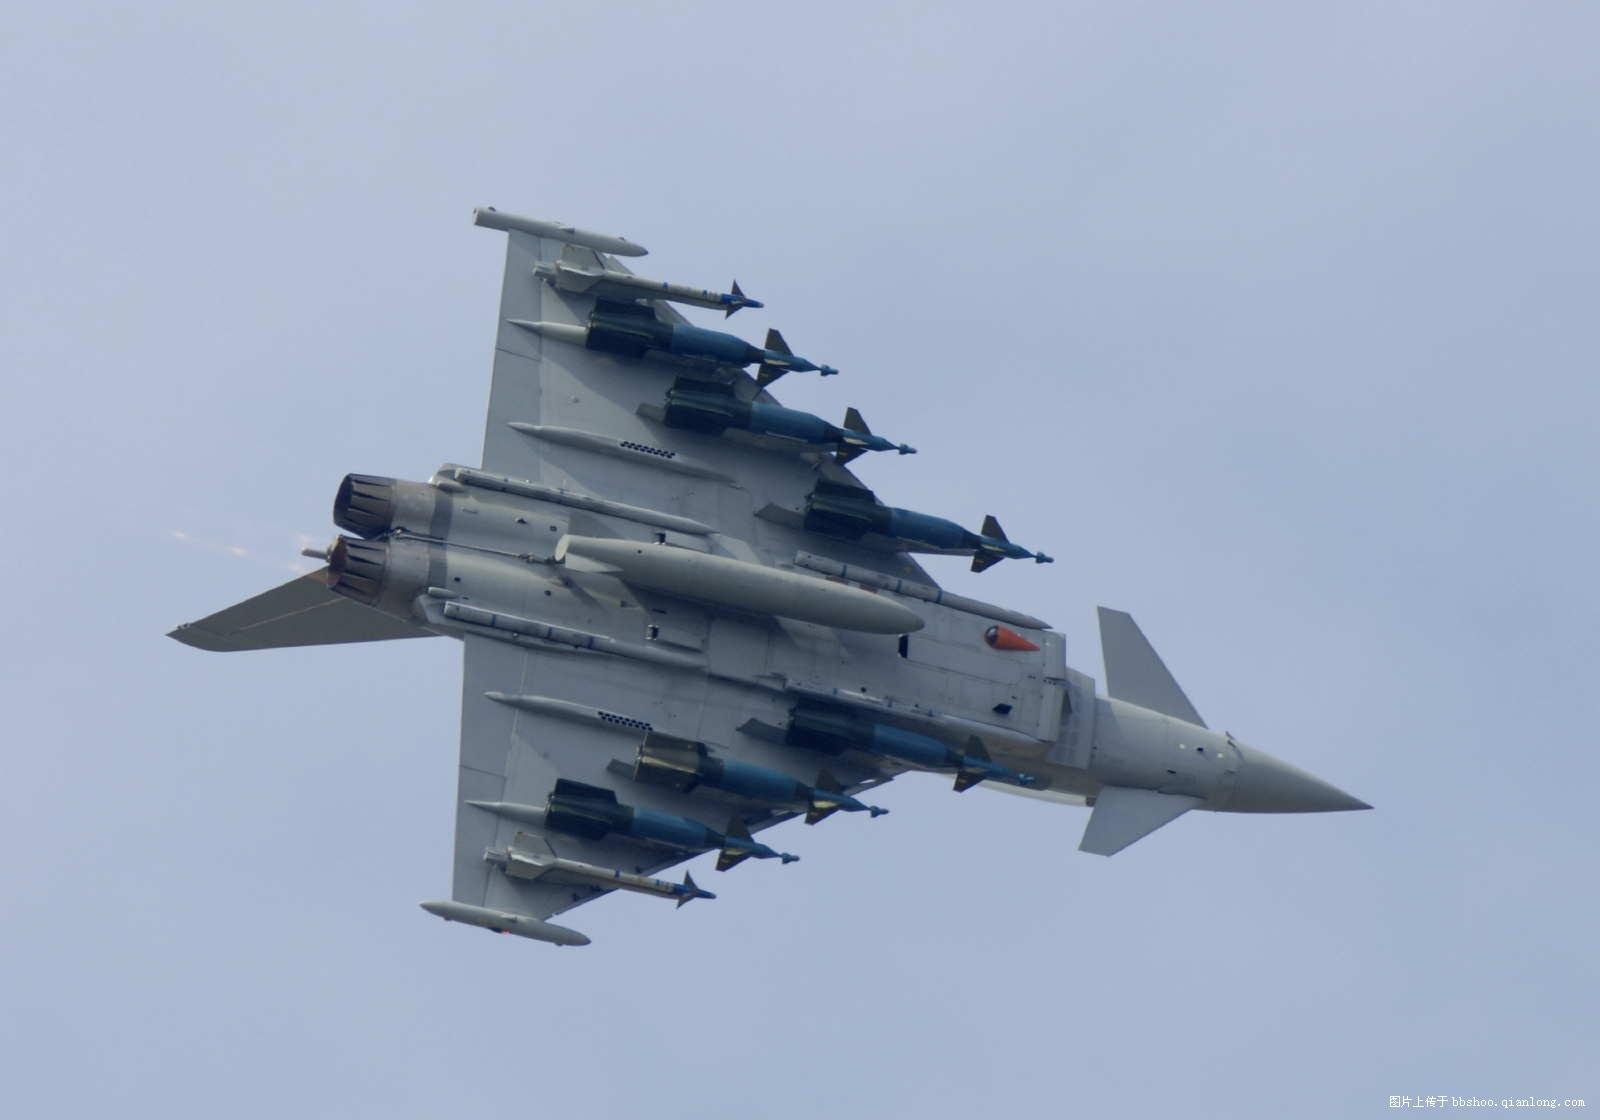 �zf�_图为f-15战斗机挂载多枚导弹飞行的场景